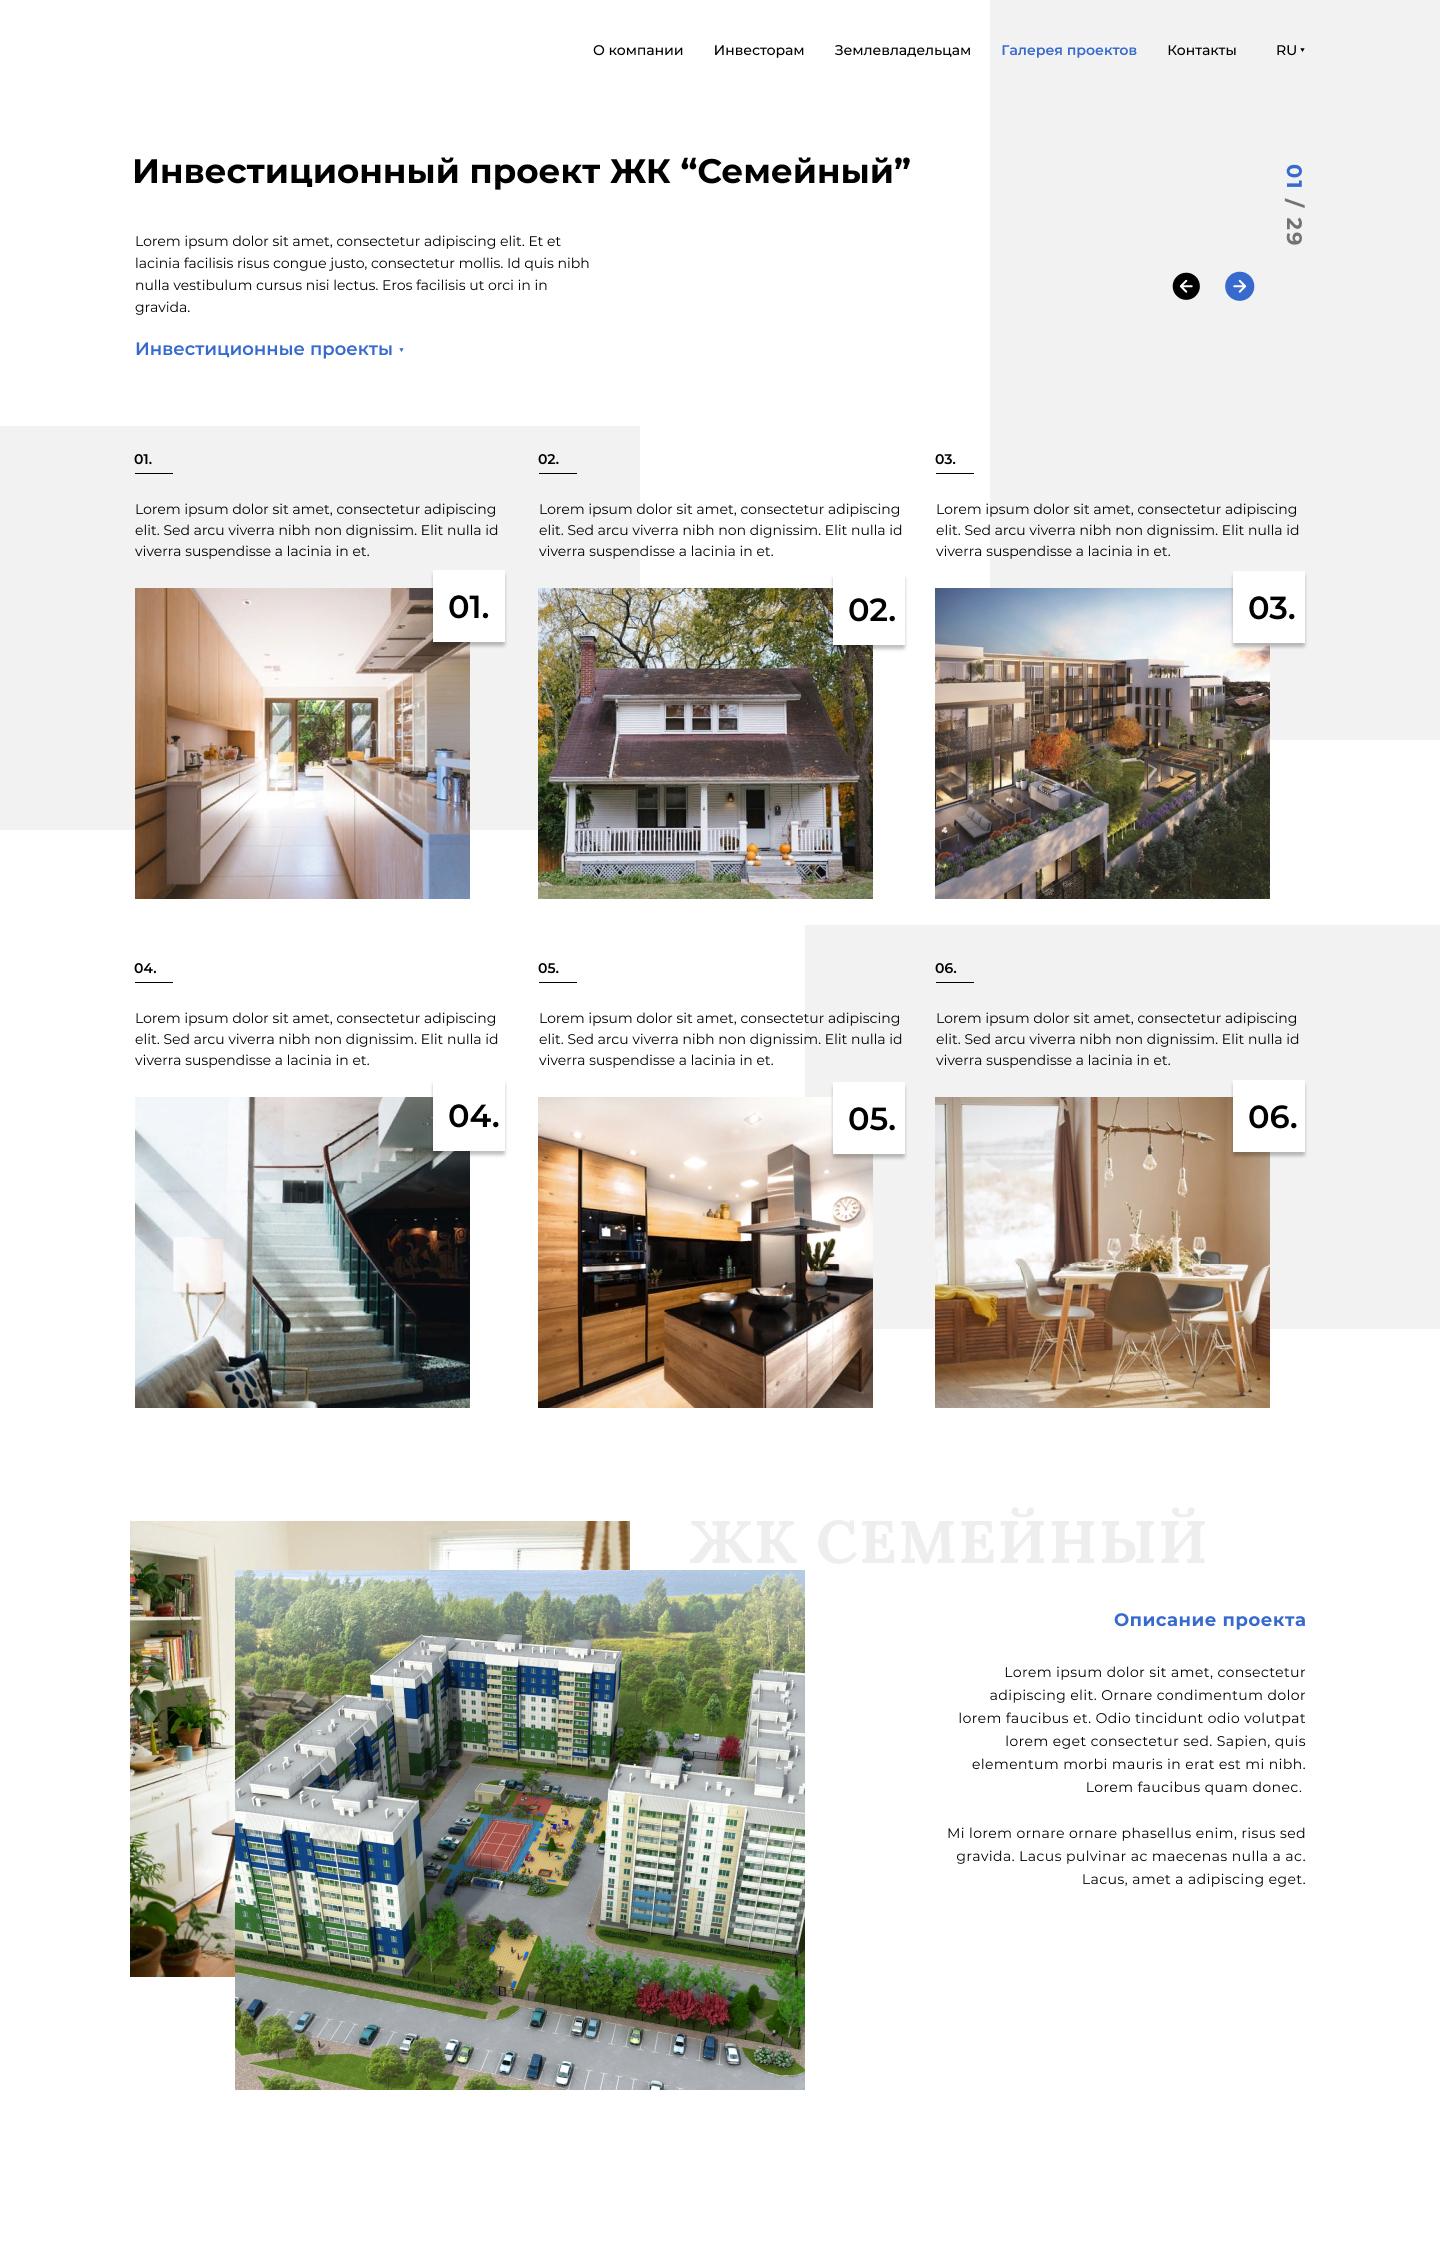 Дизайн двух страниц сайта фото f_0425f22824d58f6a.jpg